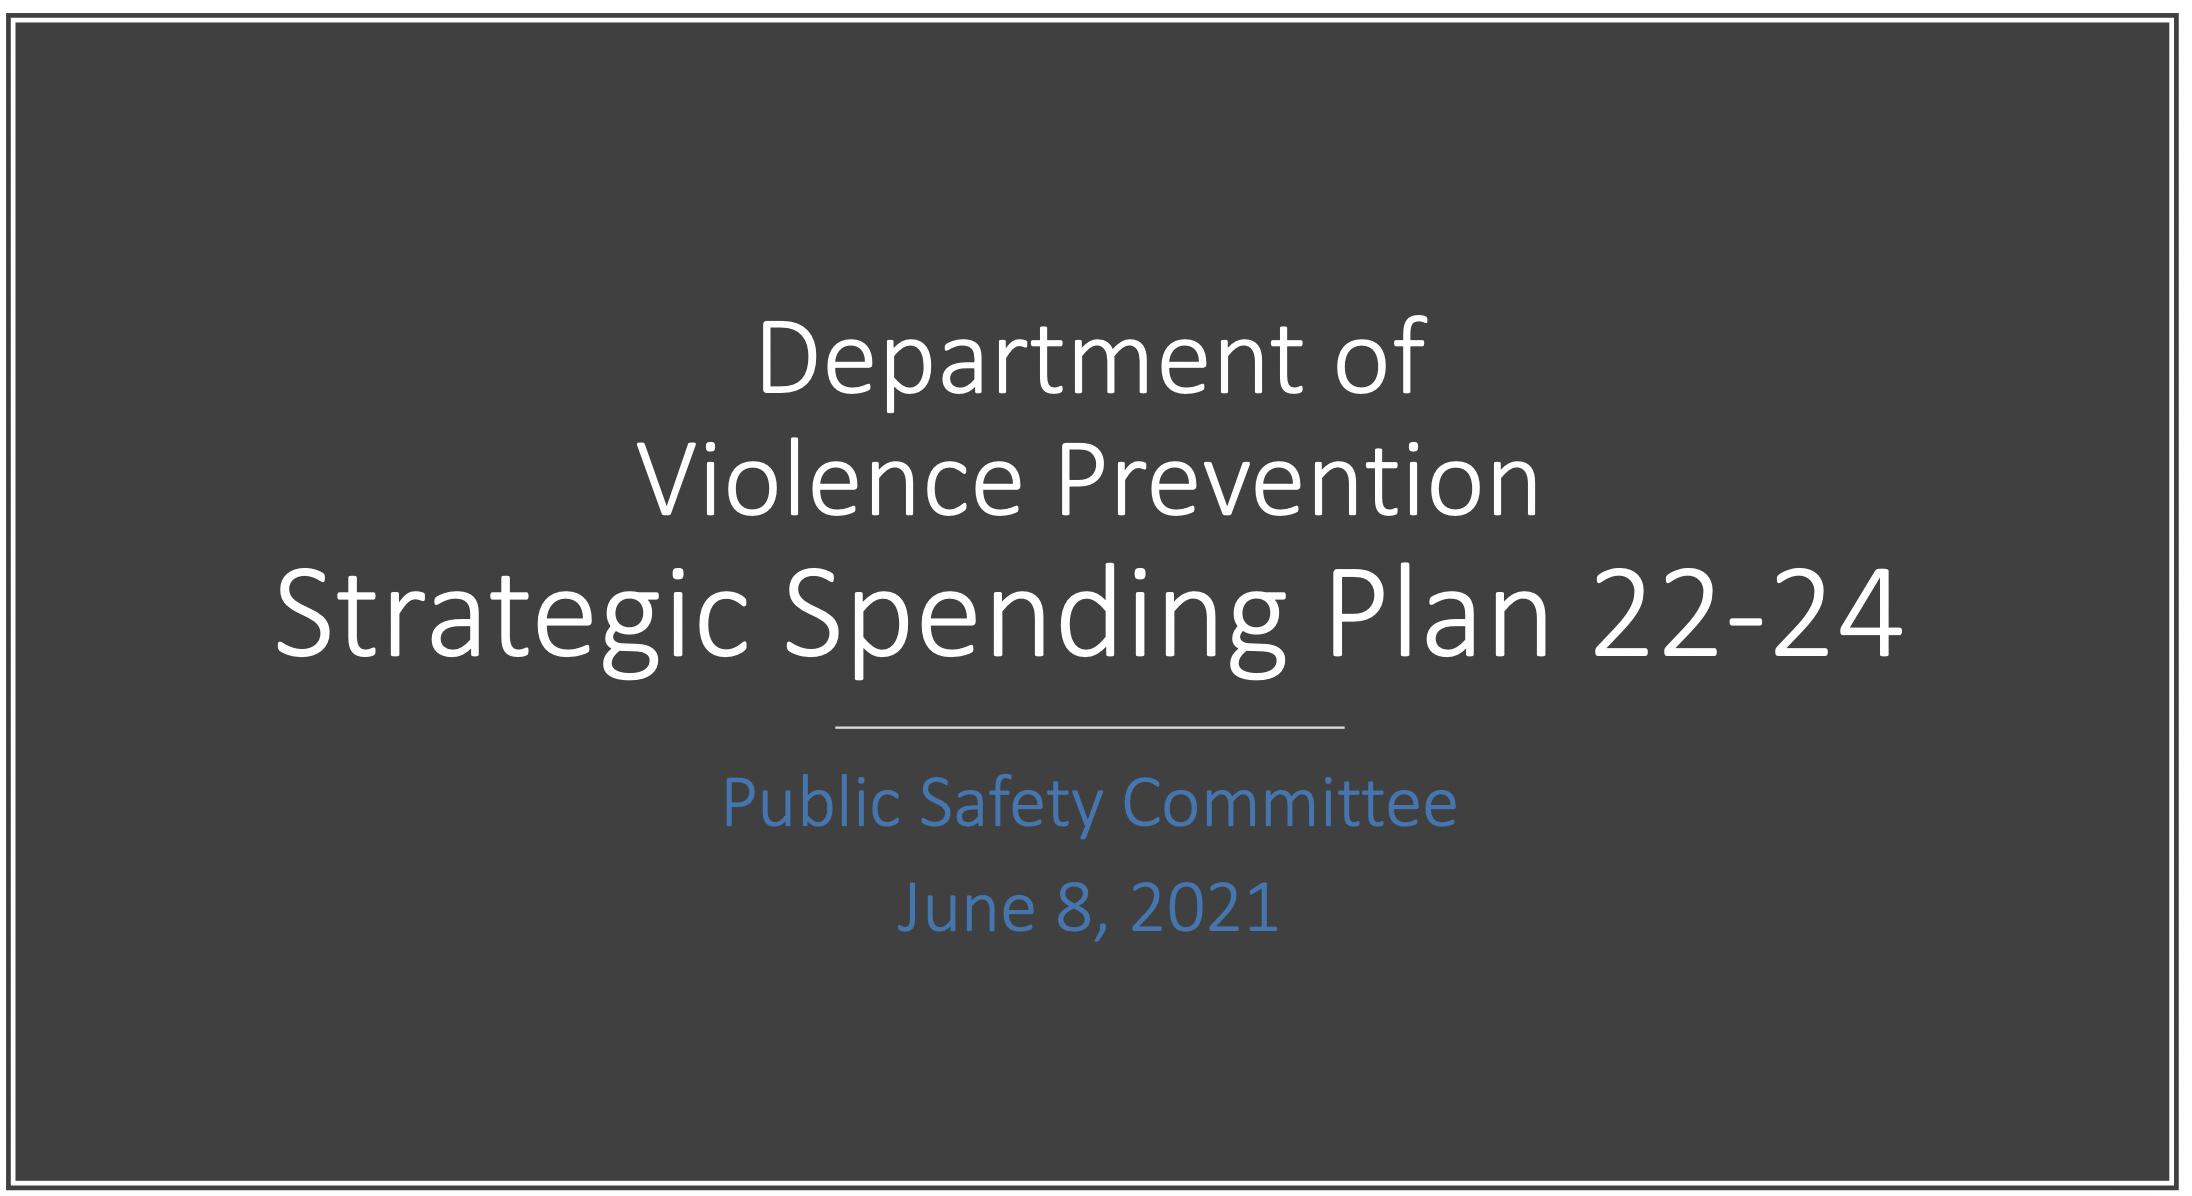 Slide 1 of Strategic Spending Plan Presentation